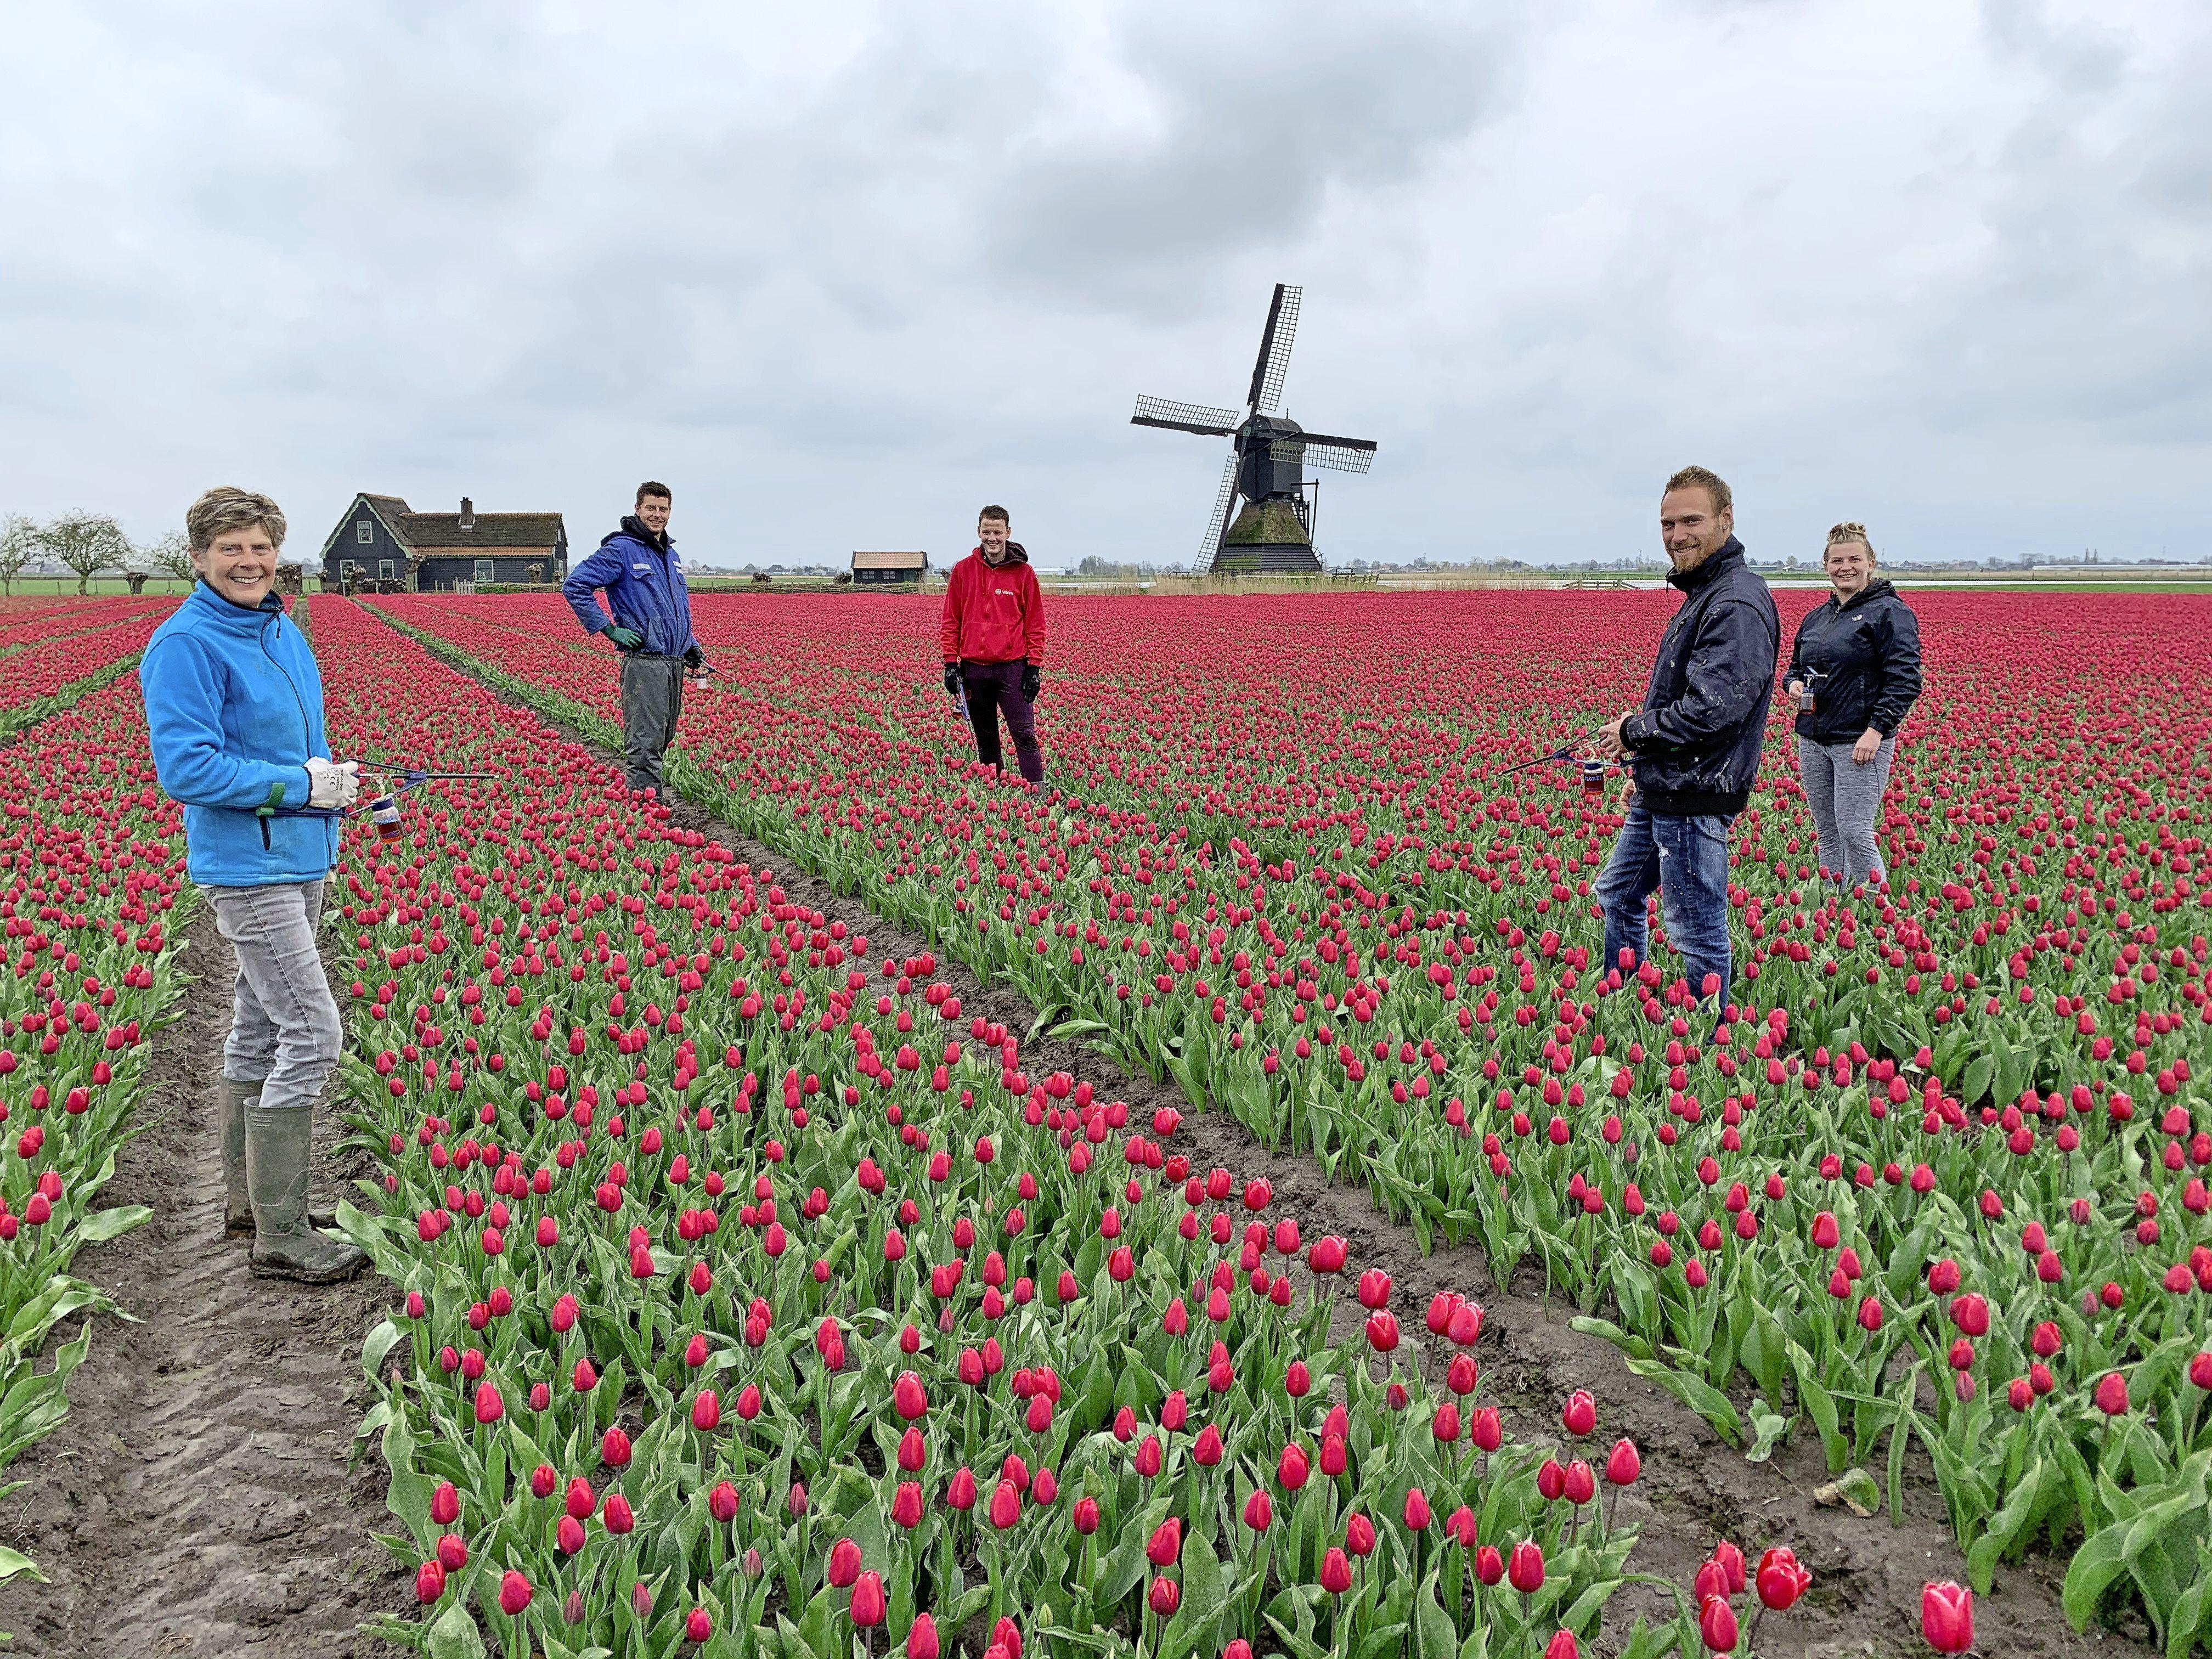 Rode tulpen met molen op de achtergrond. Hoe Hollands wil je het hebben? Voorbijgangers stoppen voor een foto